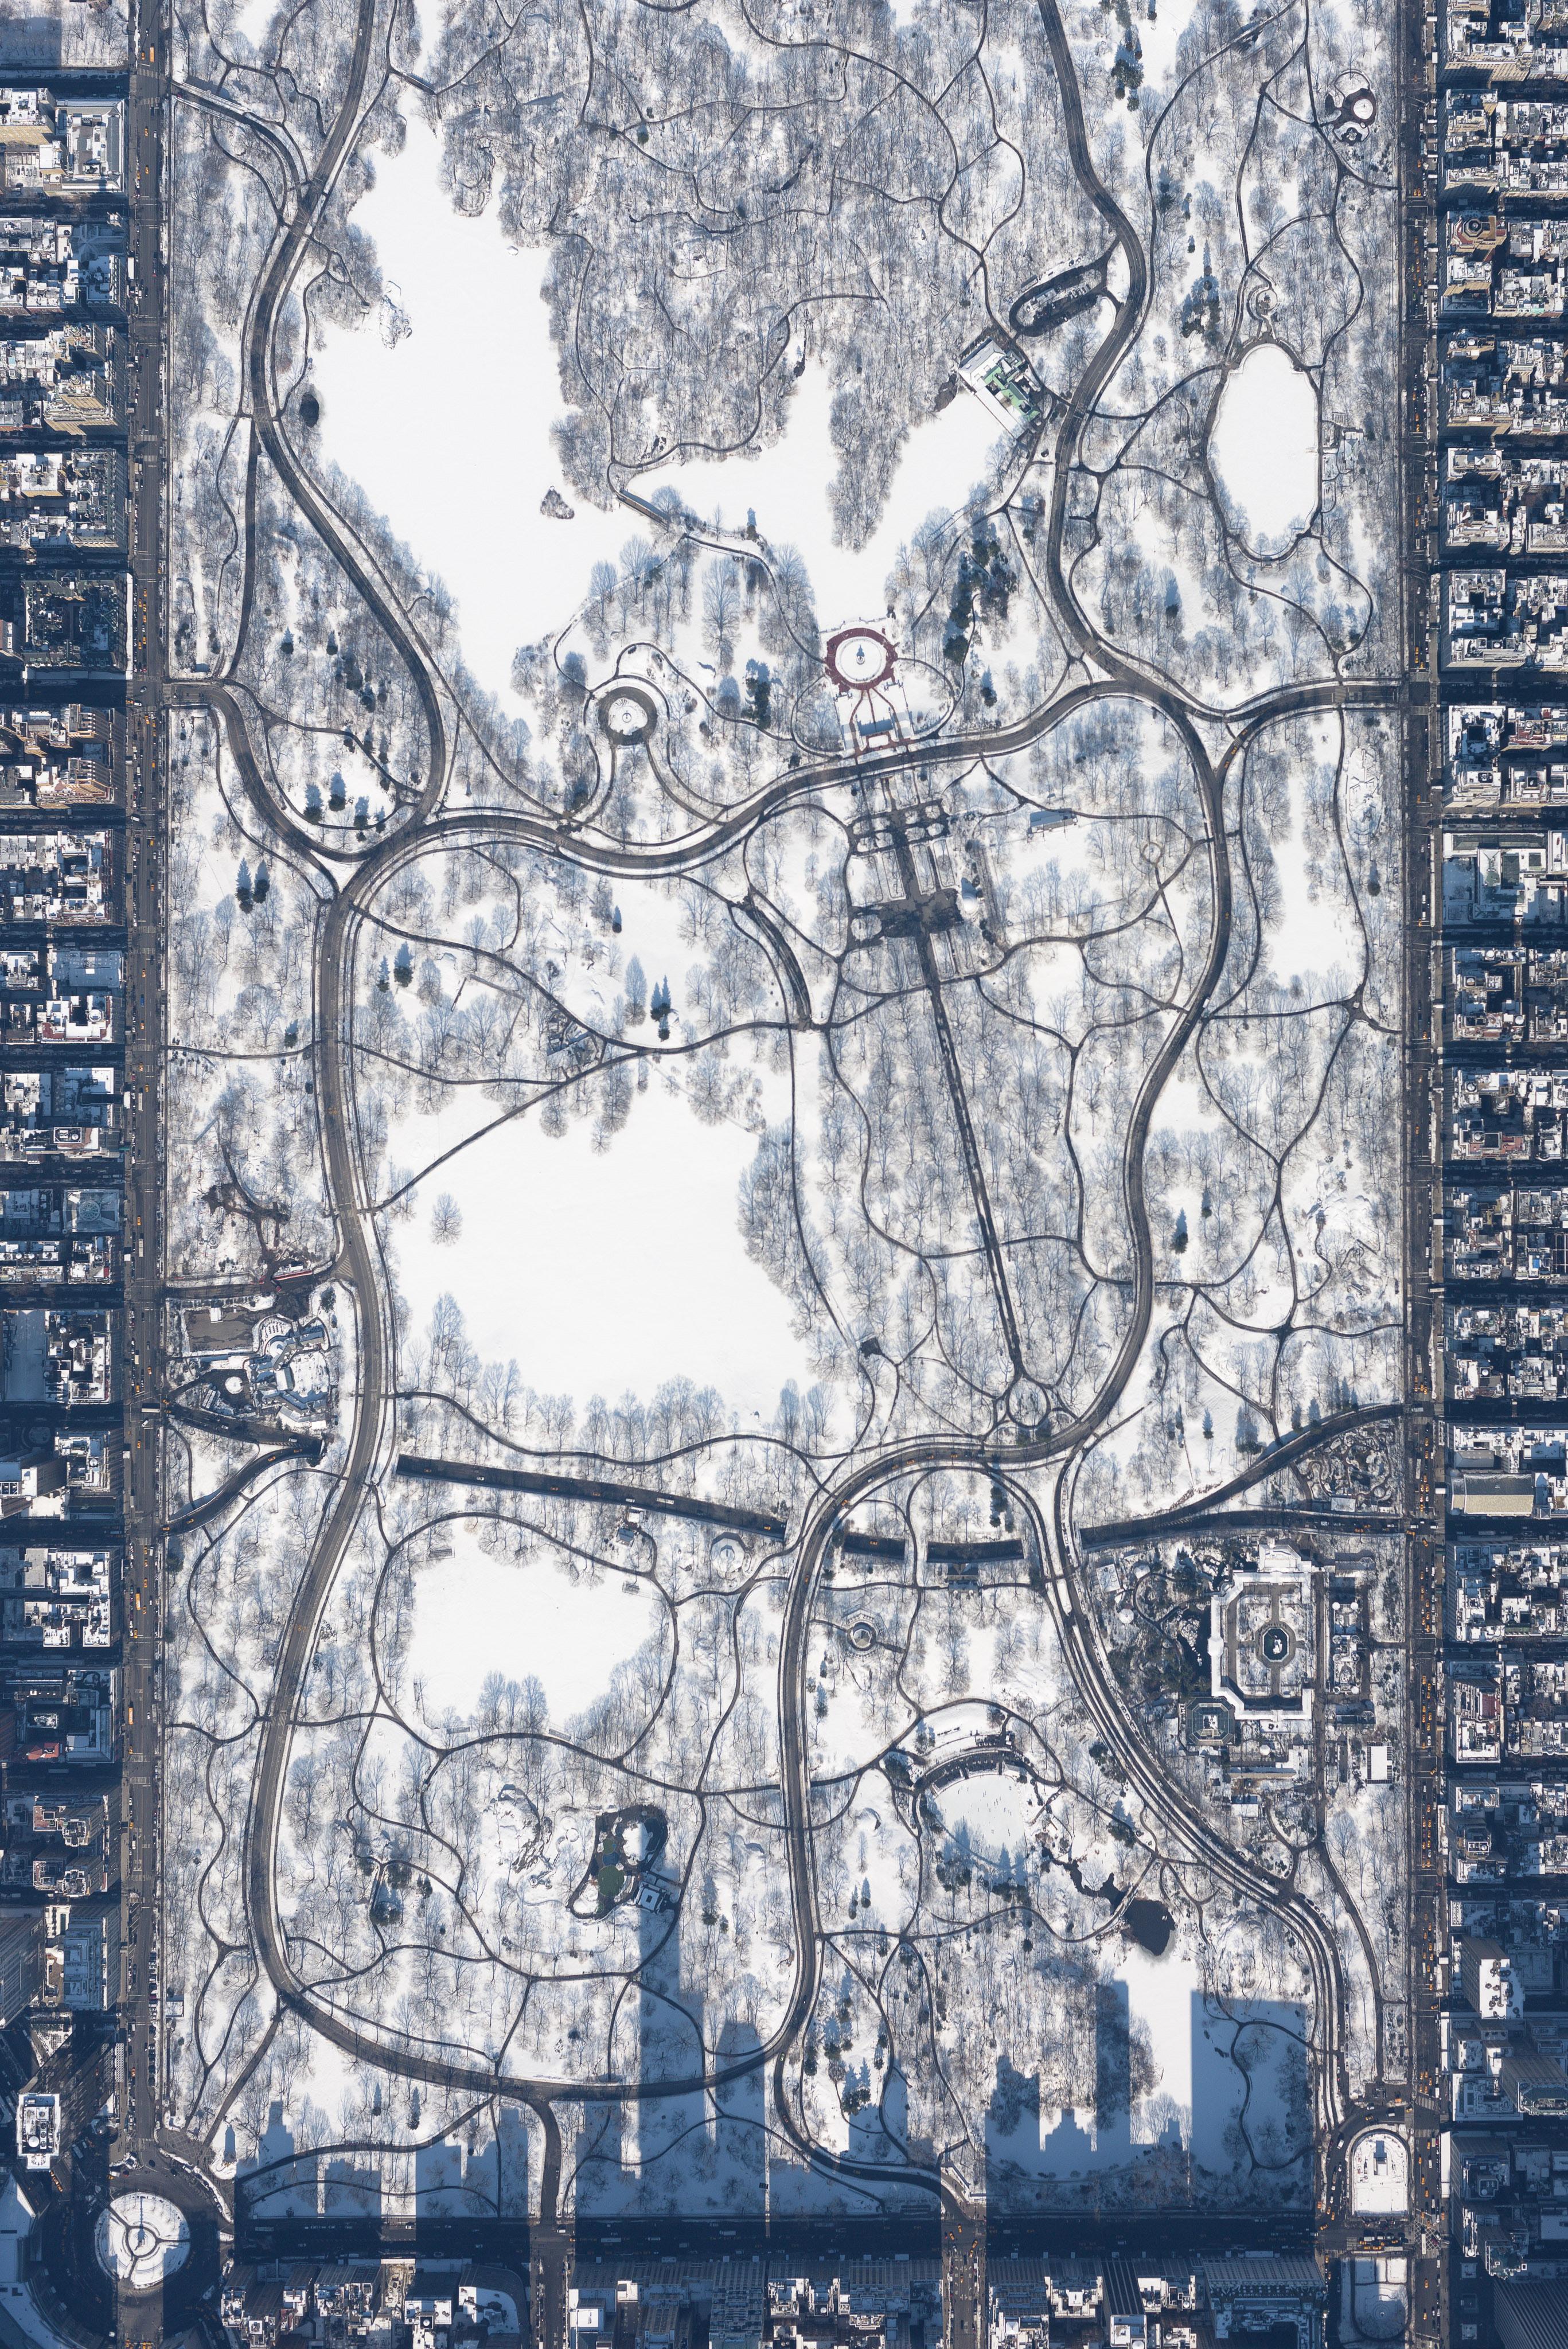 Śnieżny Central Park z 10 tysięcy stóp, fot. Filip Wolak